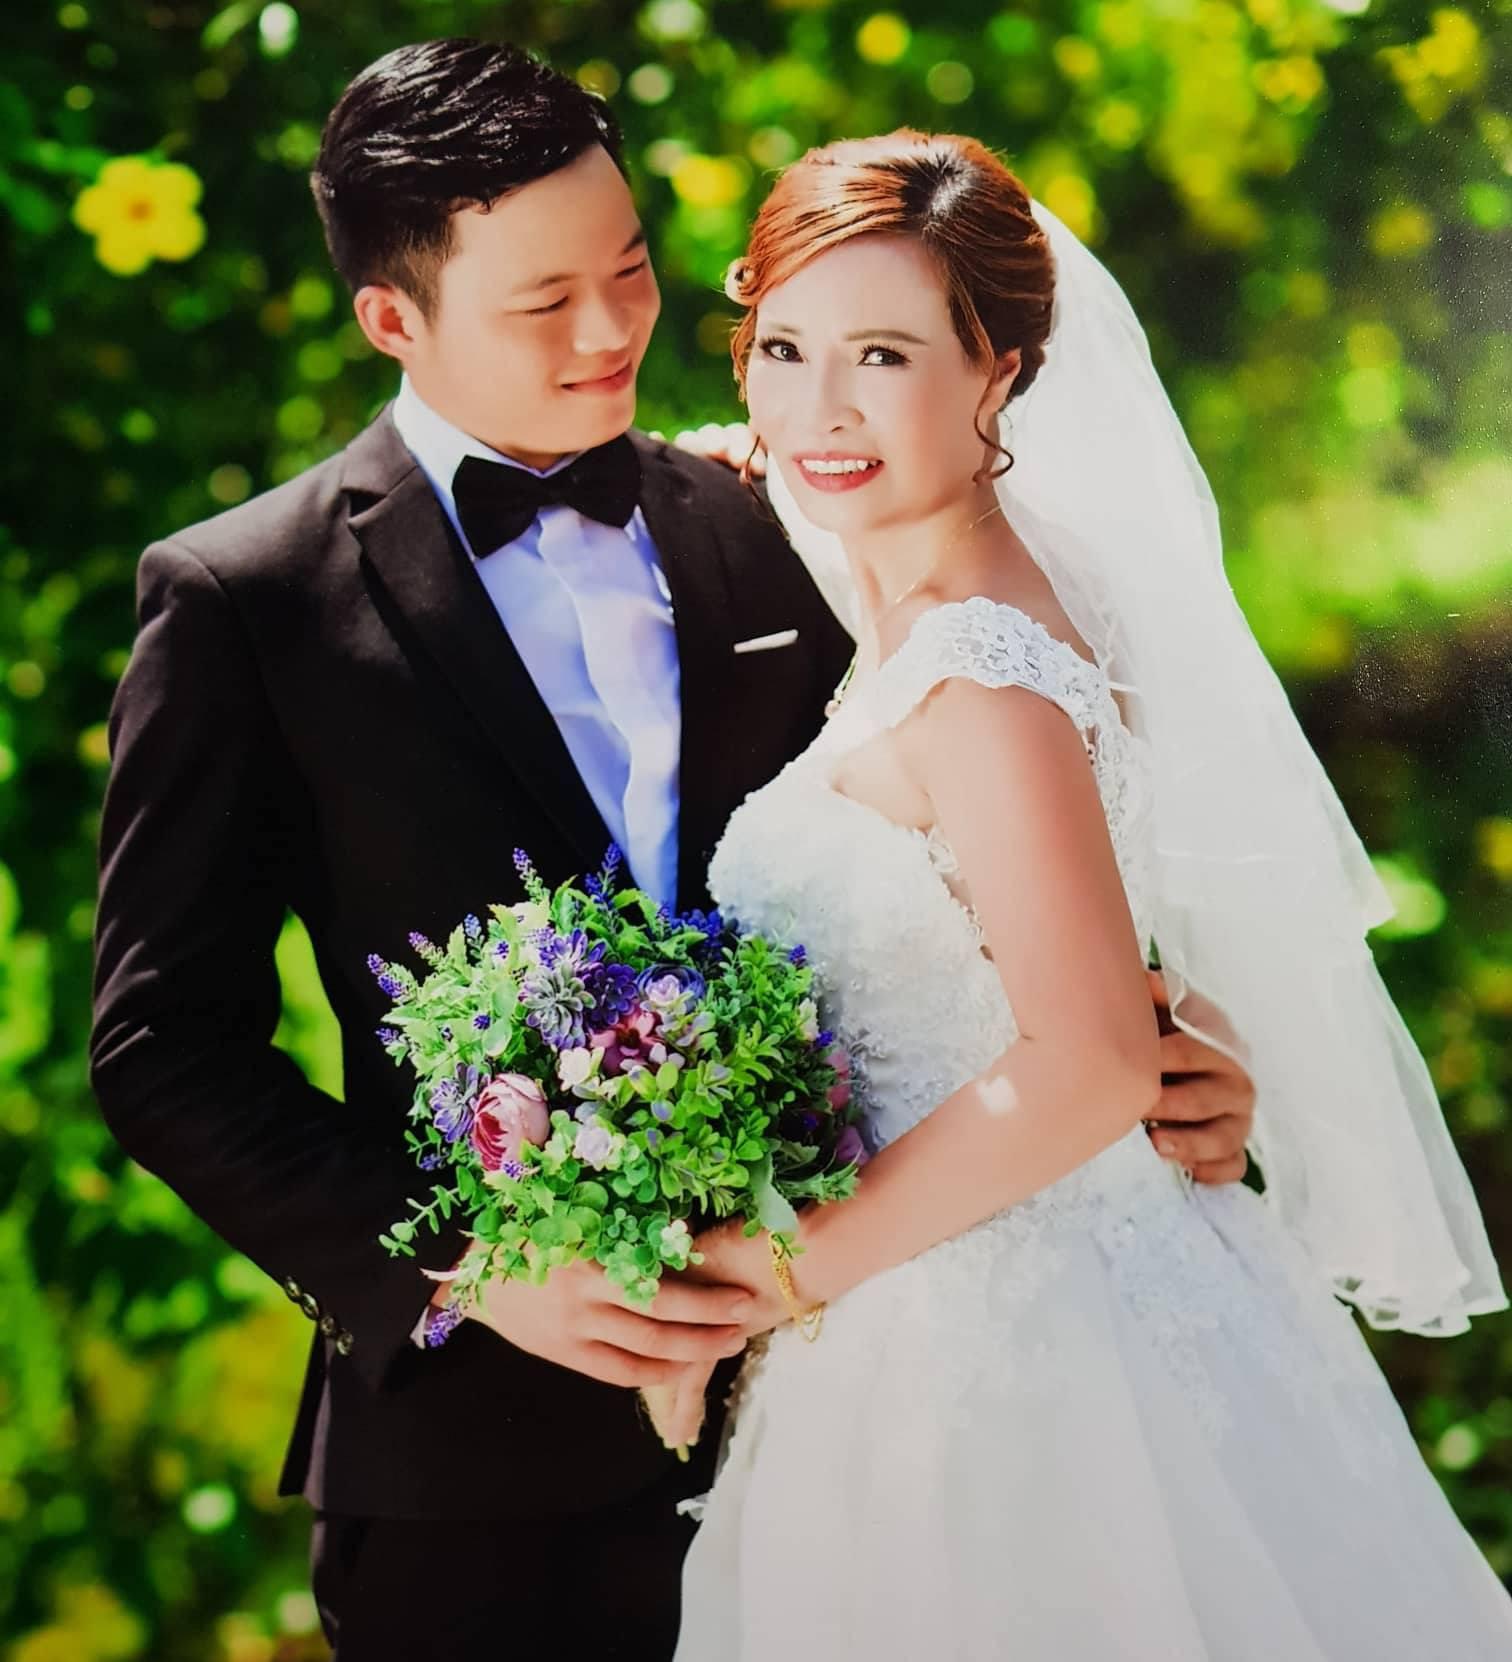 Ảnh cưới của anh Cương và chị Sao